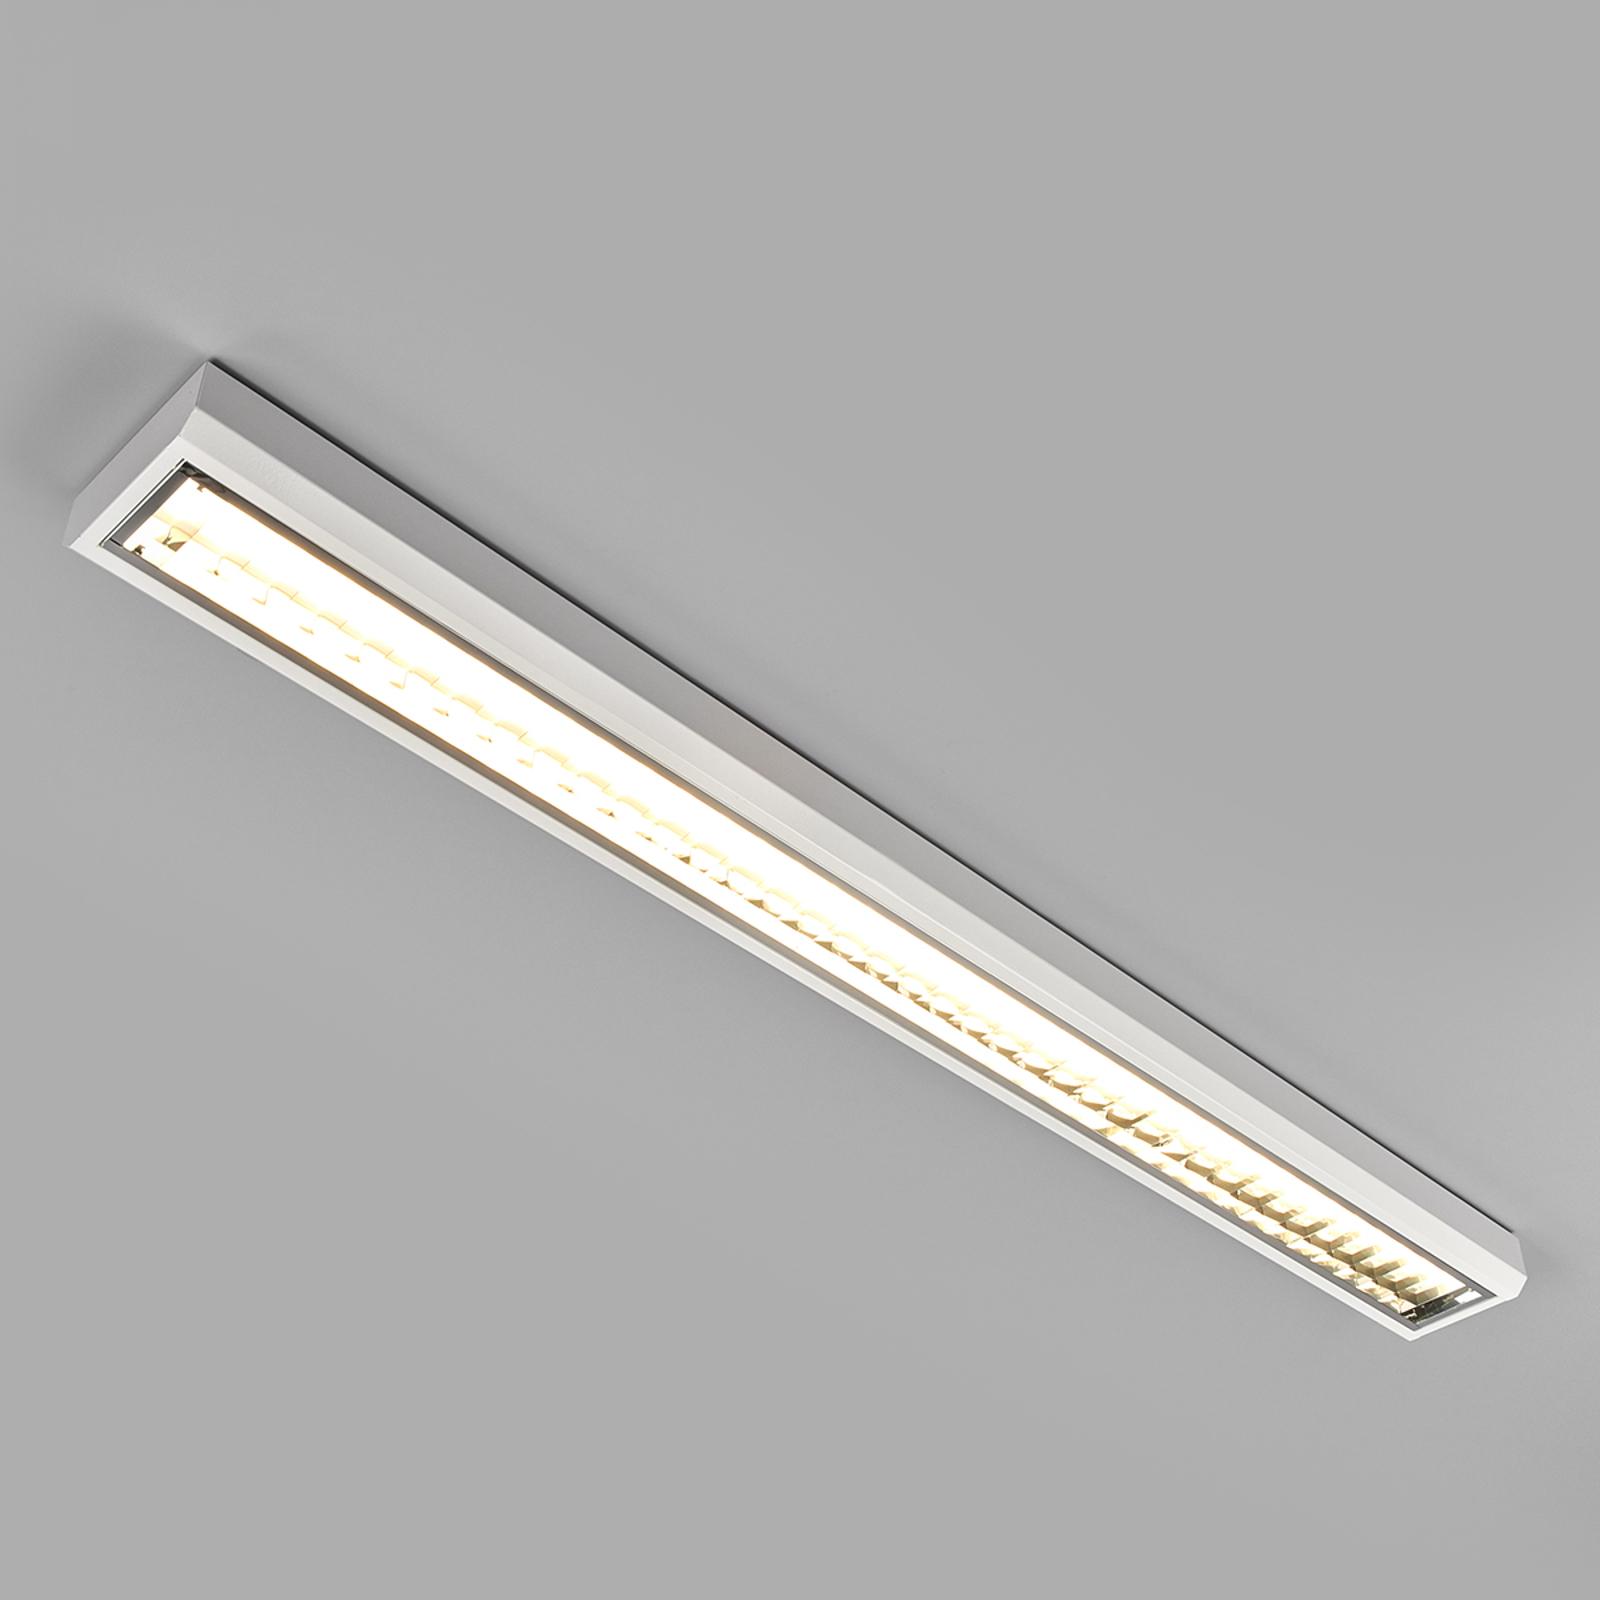 Rastrové LED svítidlo kancelář/33 W/4000K